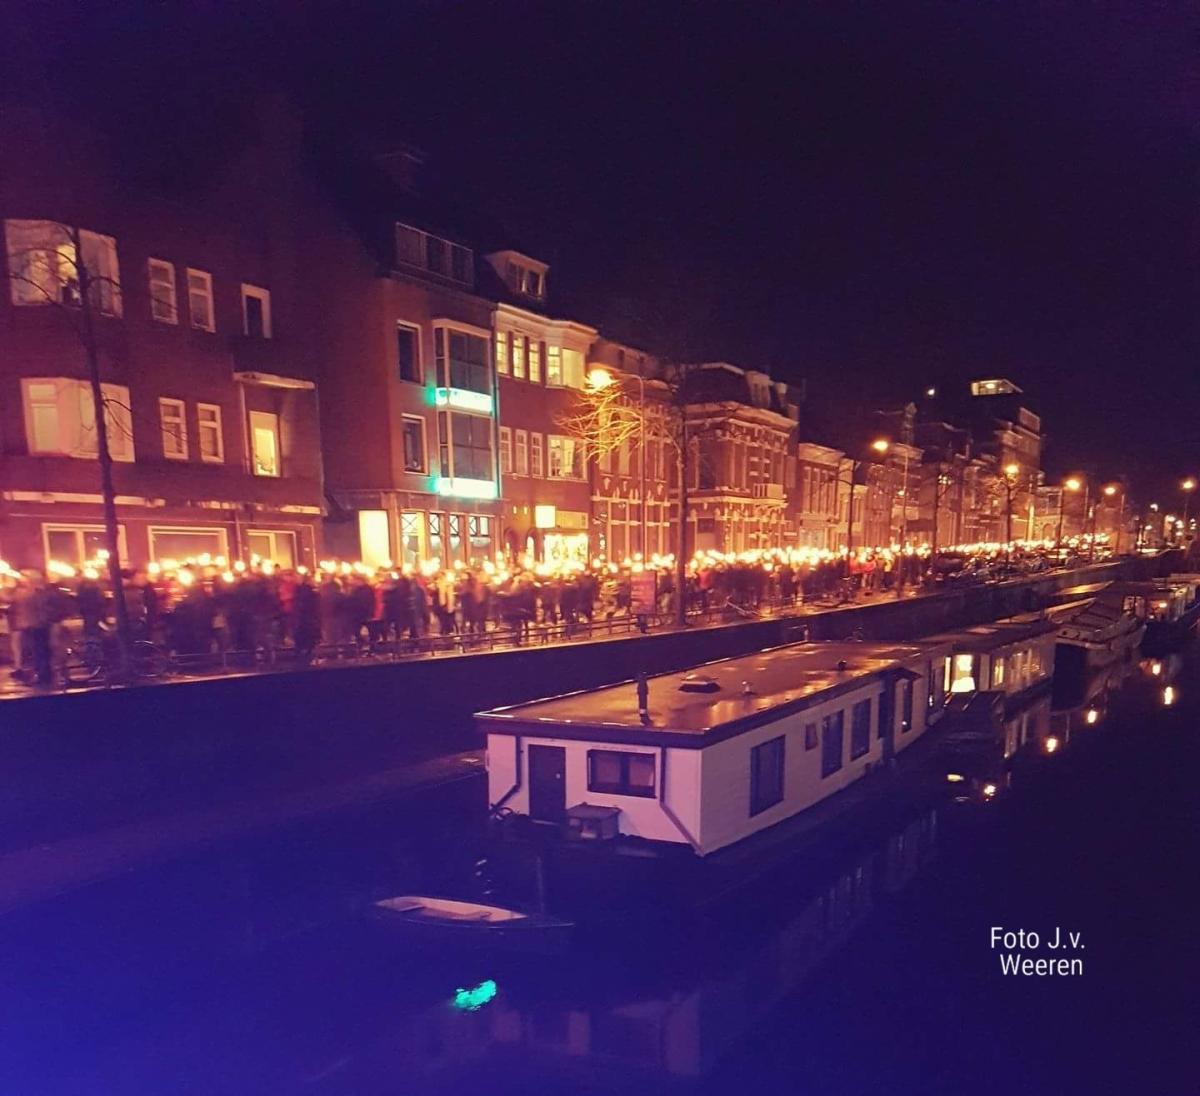 Fakkeltocht in Groningen